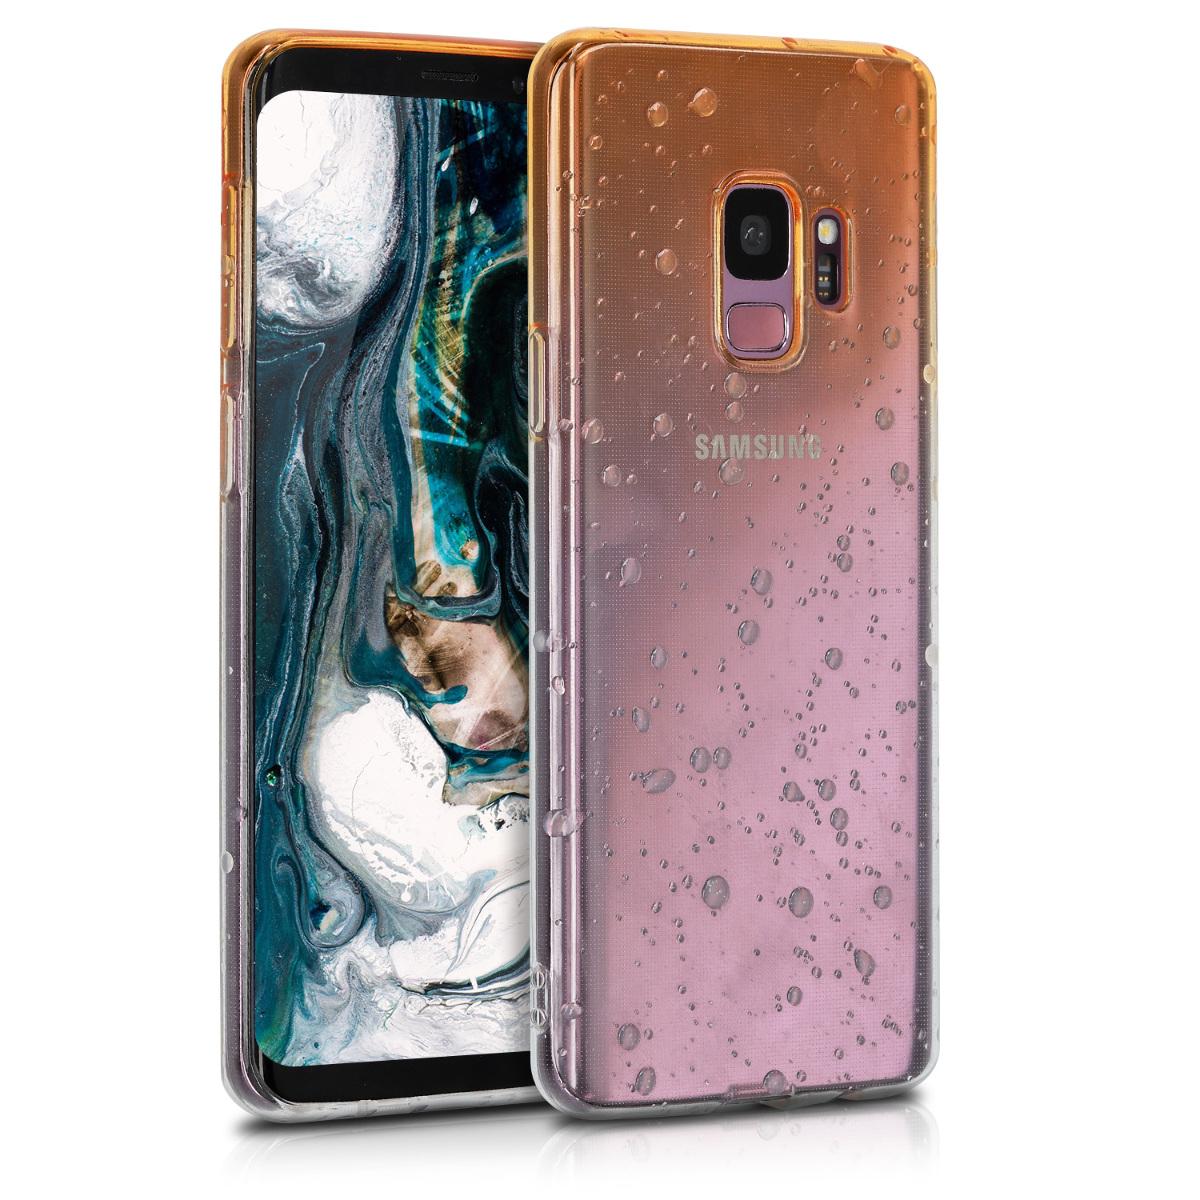 Kvalitní silikonové TPU pouzdro pro Samsung S9 - Raindrops žluté / transparentní